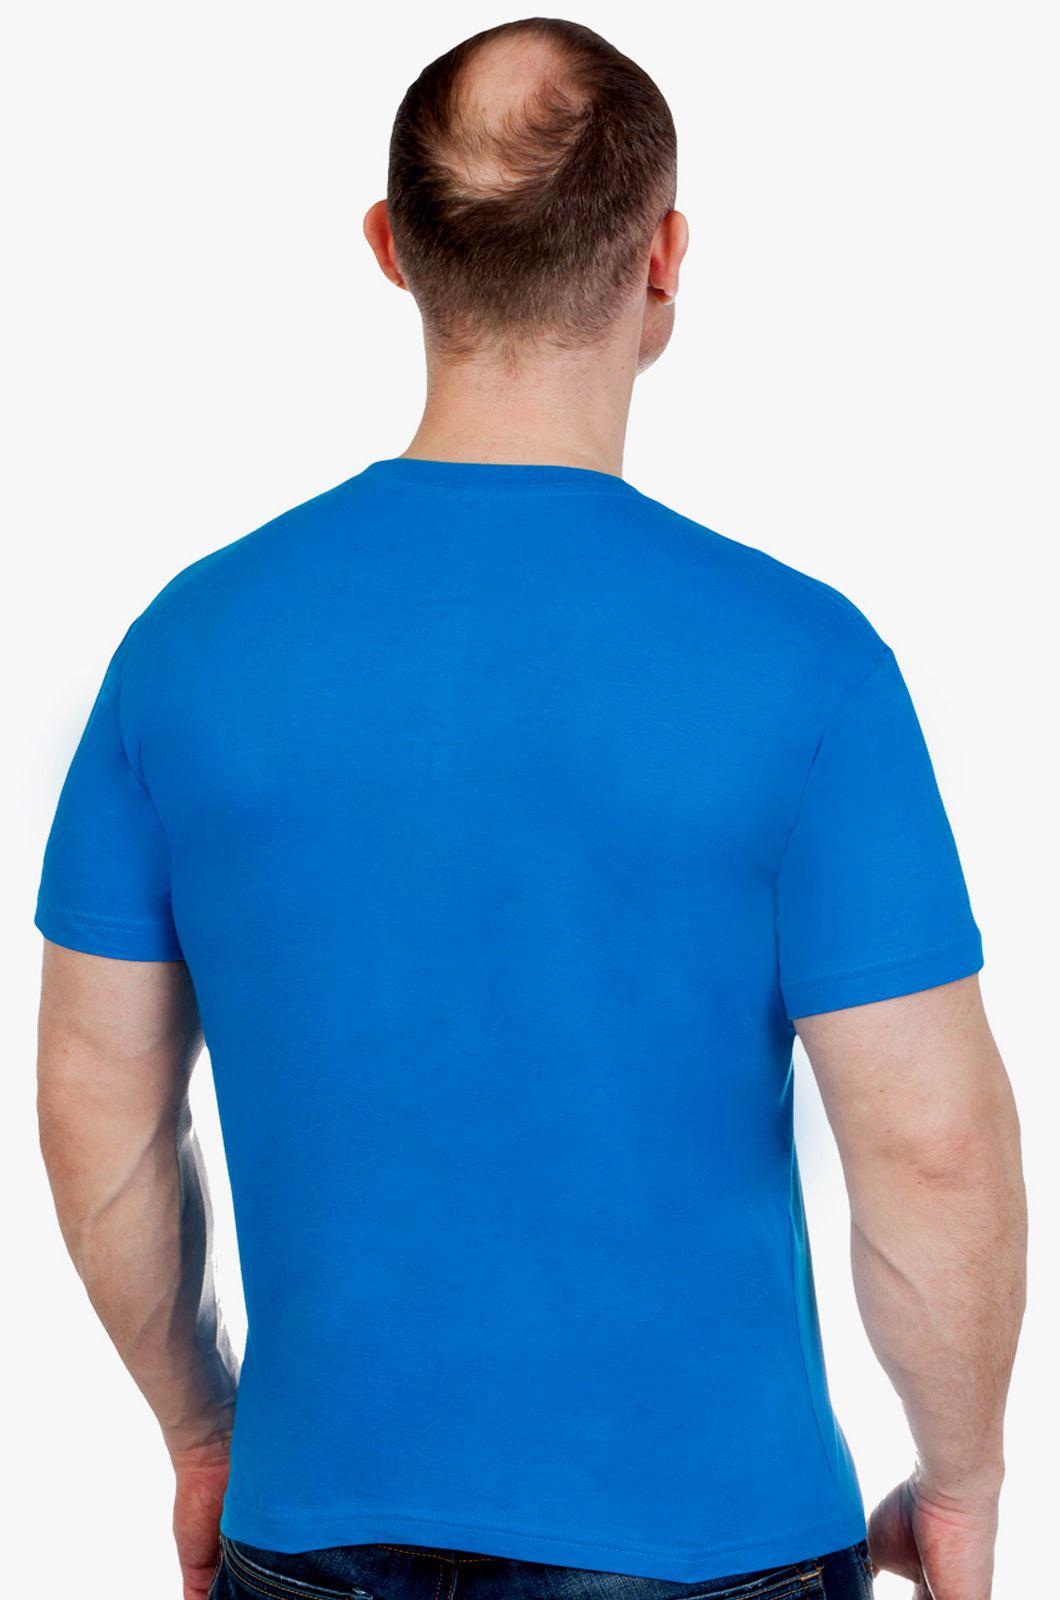 Оригинальная хлопковая футболка РОССИЯ - купить в подарок